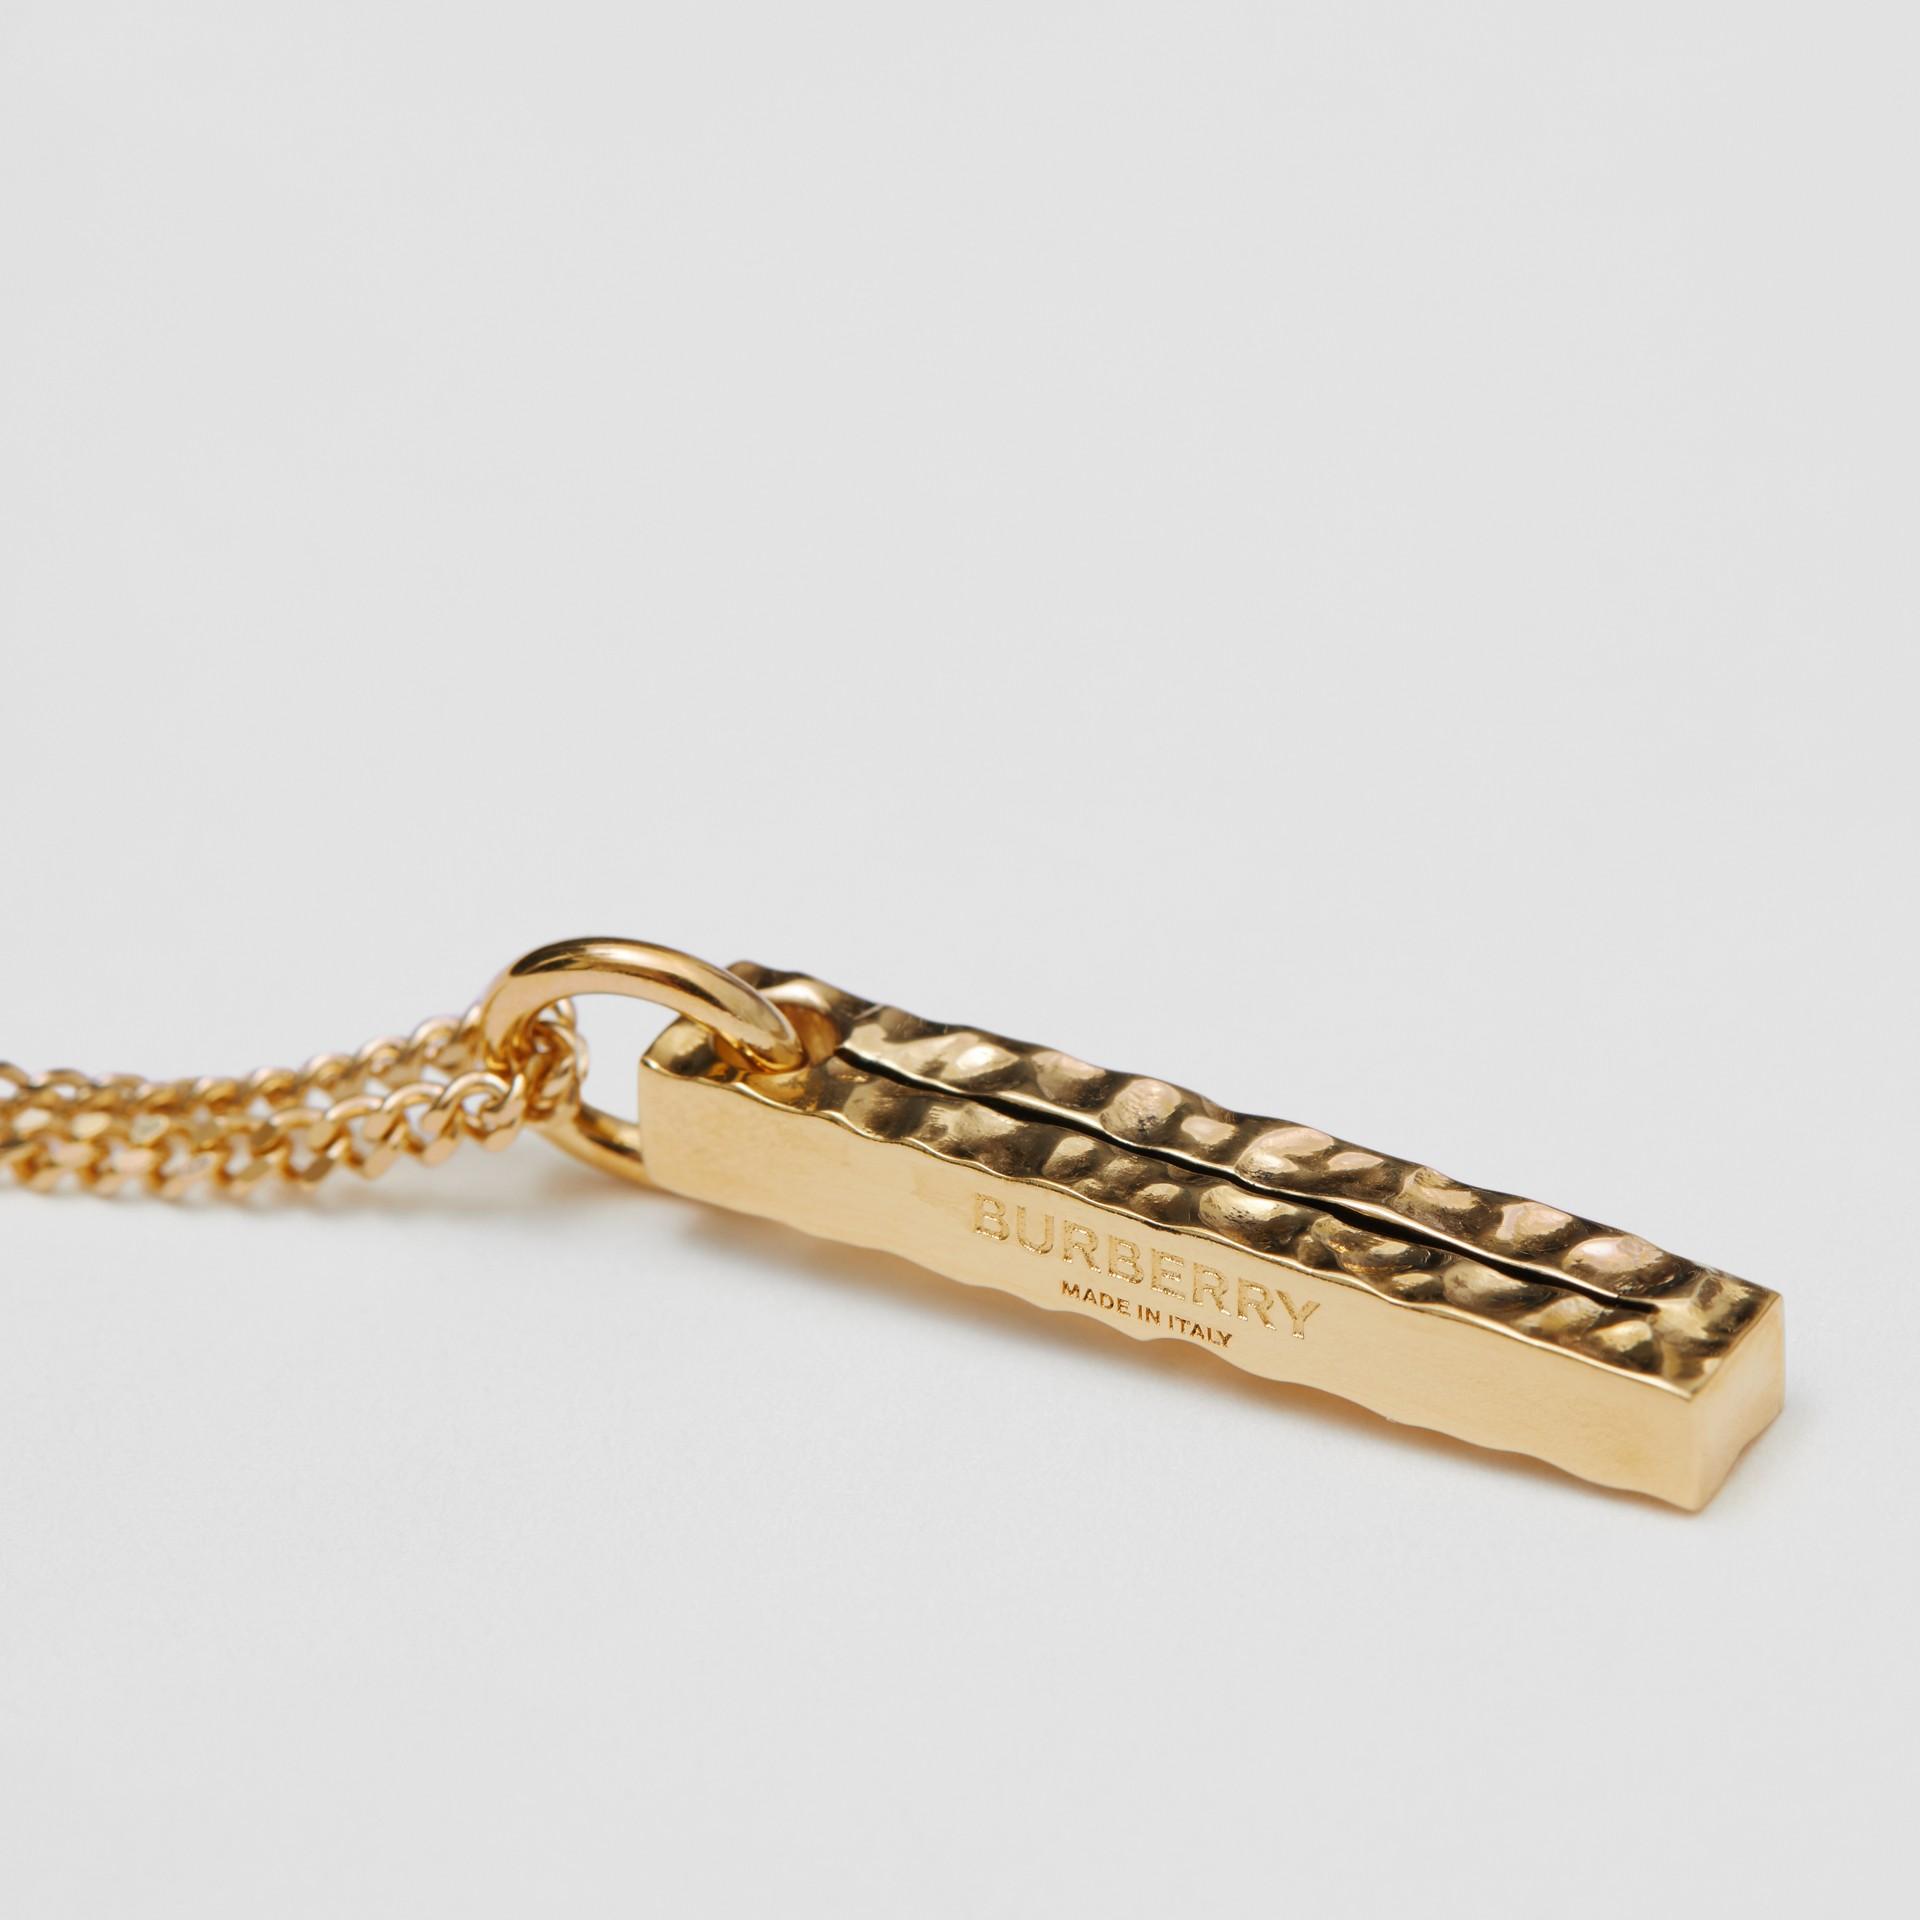 字母「I」吊飾鍍金項鍊 (淺金色) - 女款 | Burberry - 圖庫照片 1